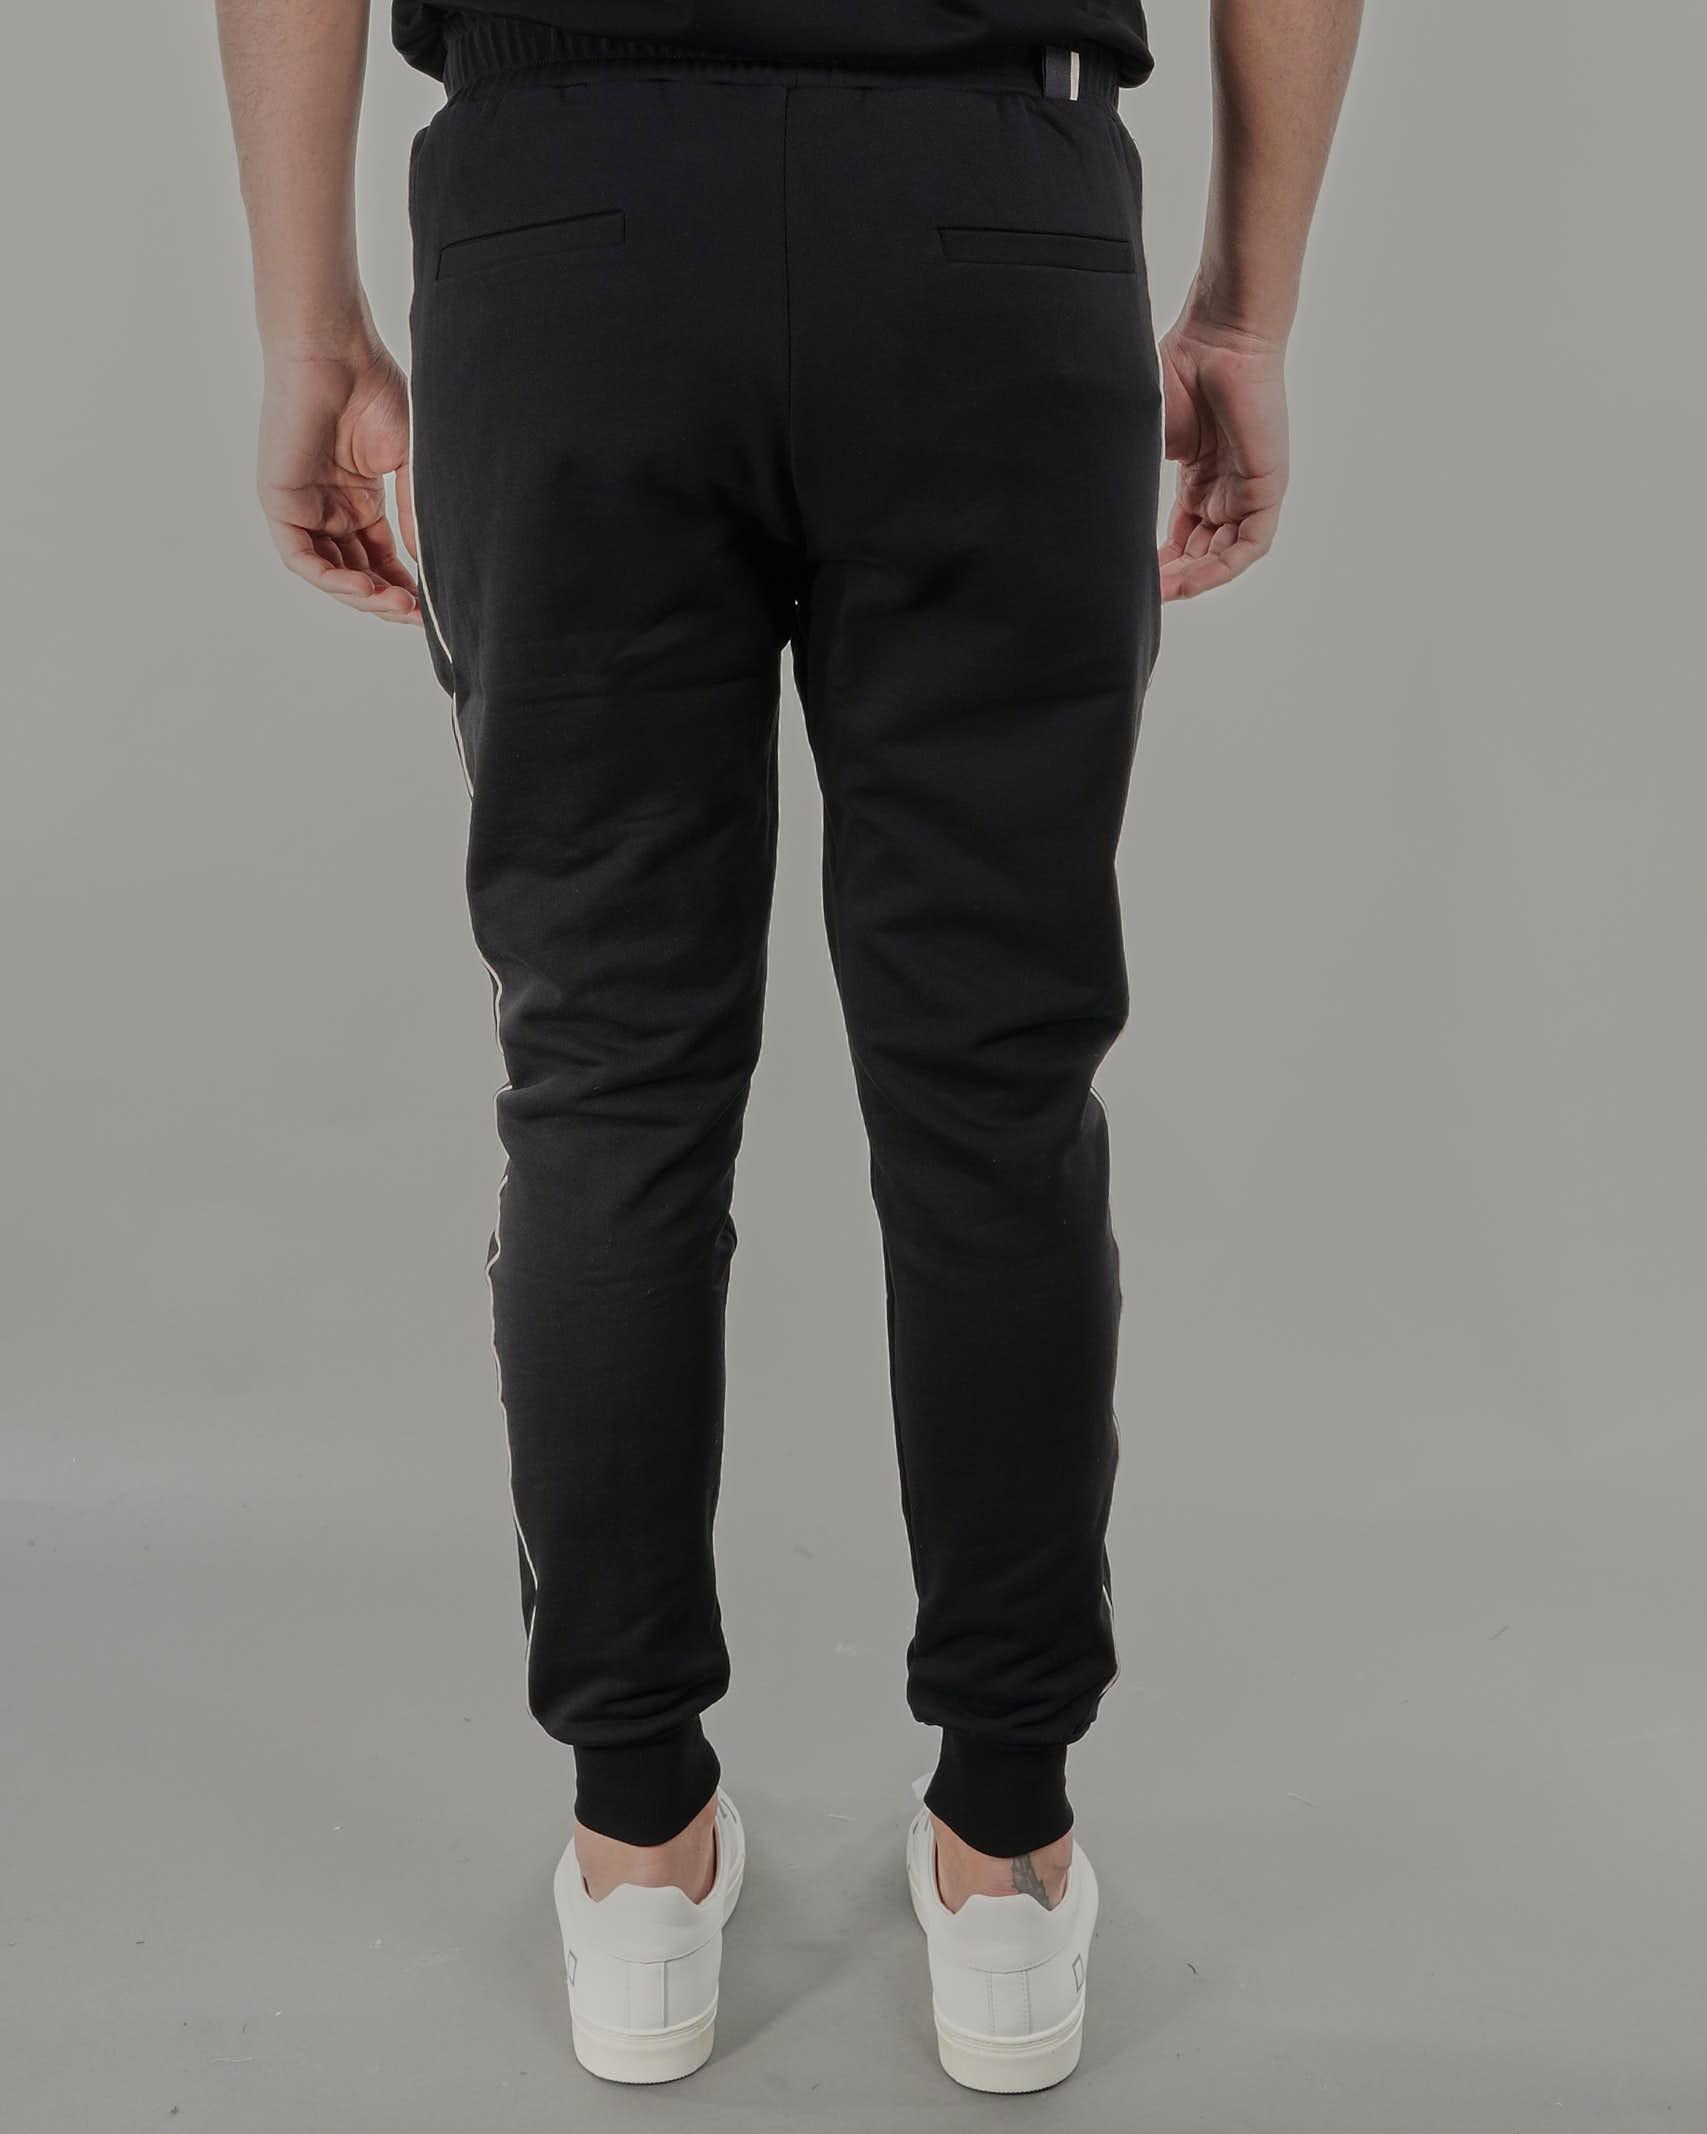 Pantalone con bande laterali a contrasto Low Brand LOW BRAND | Pantalone | L1FSS215733D001